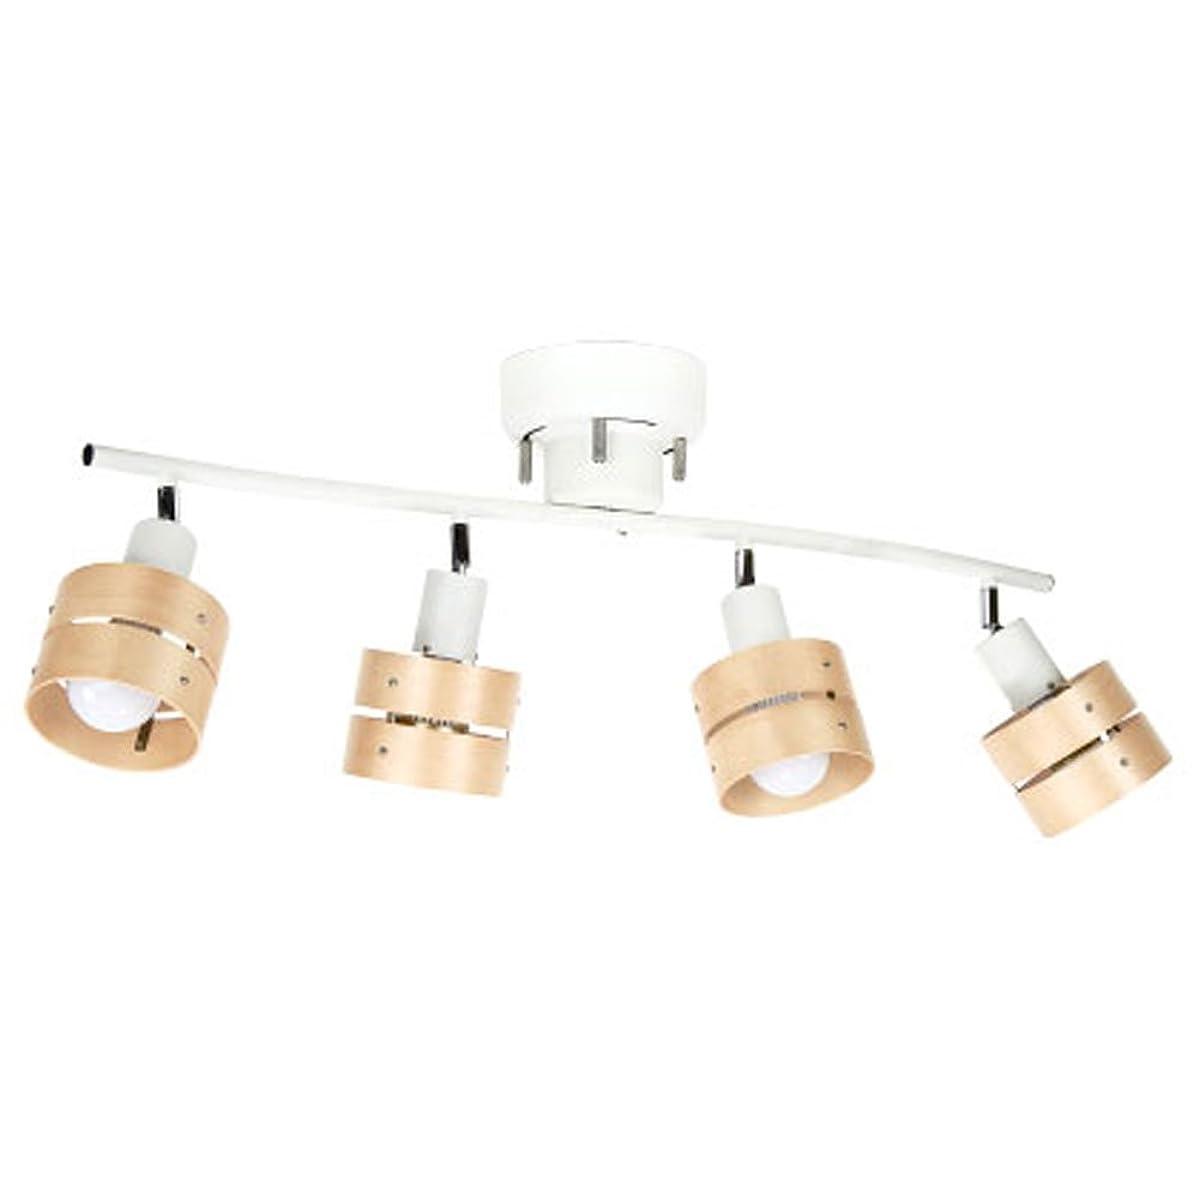 グリット配置管理ボーベル(BeauBelle) シーリングライト 4灯 レダ ホワイト?ライトナチュラル LED対応 BBS-049WLN